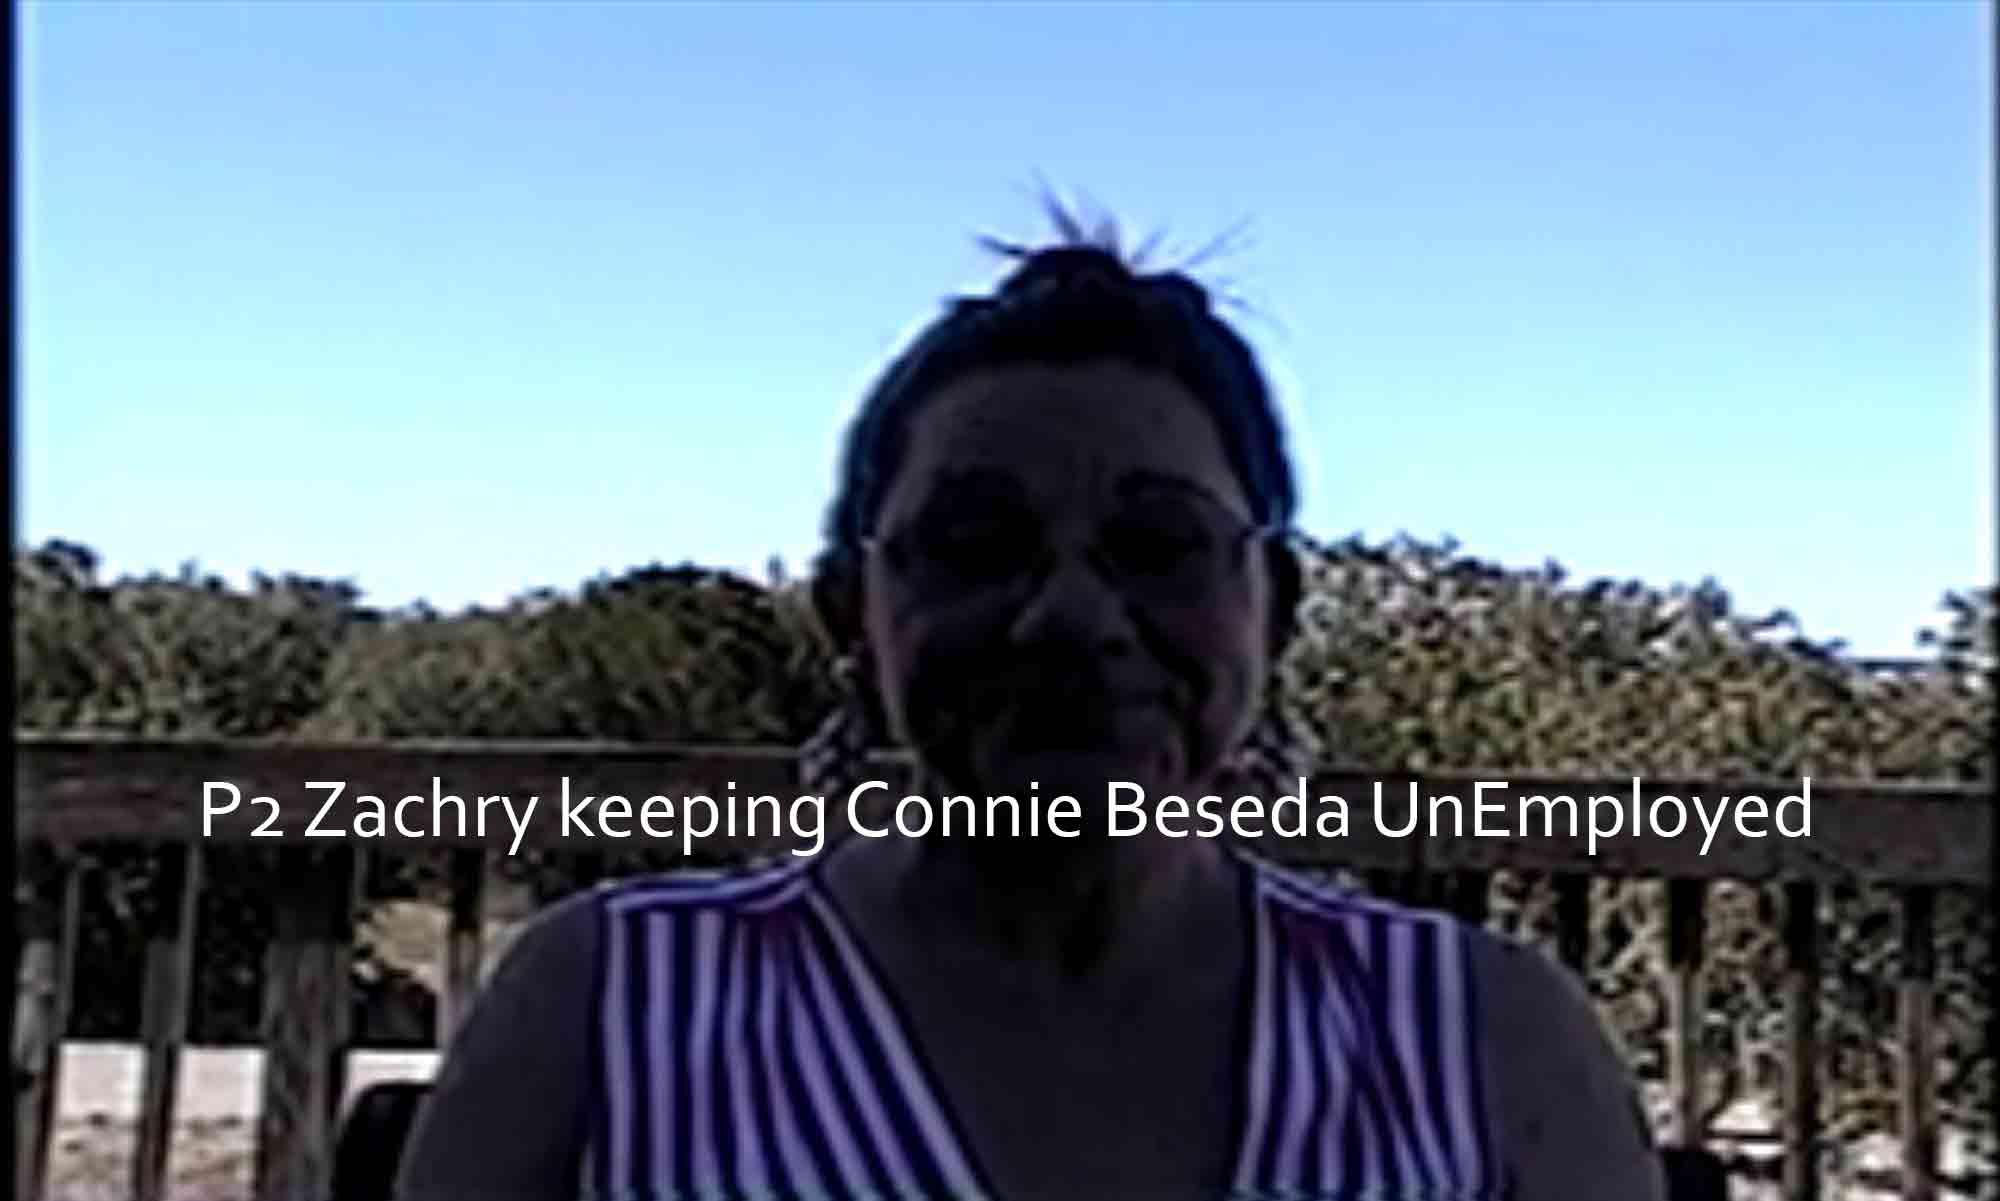 Image of P2 Zachry keeping Connie Beseda UnEmployed Brayton Scott Entertainment©